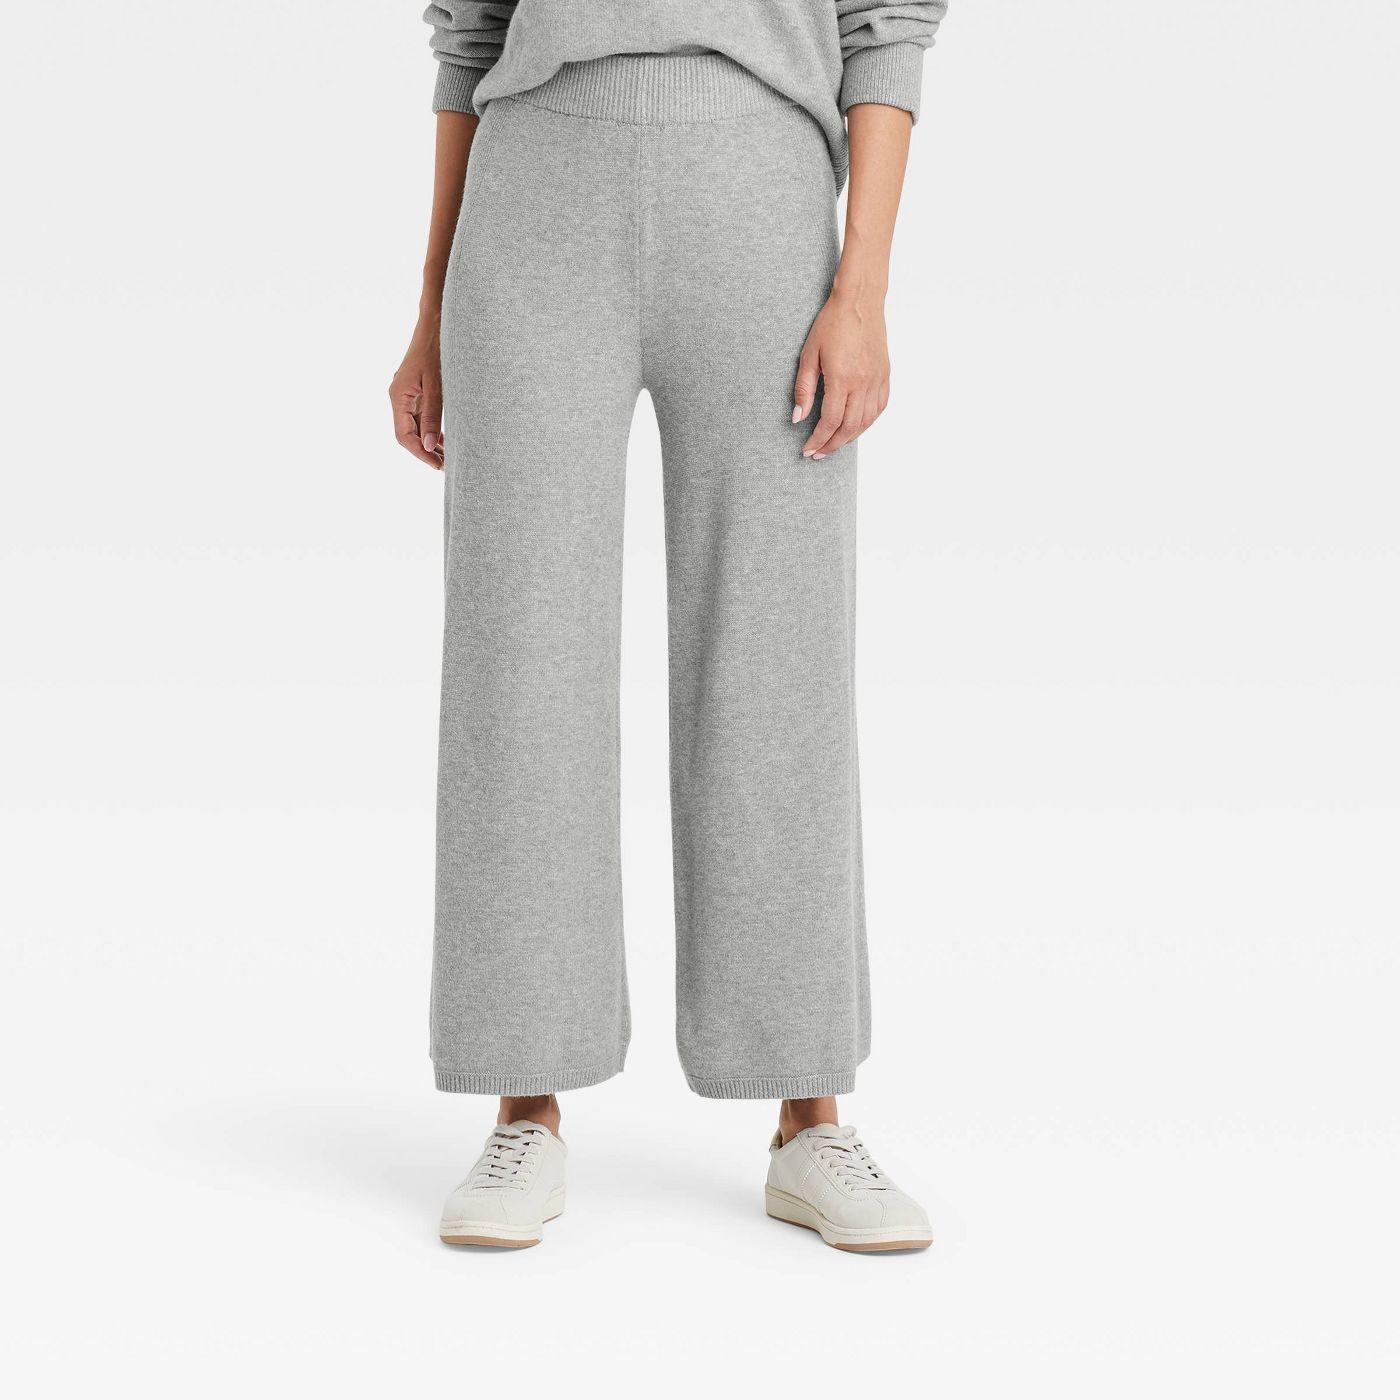 woman wearing grey Target Sweater Pants